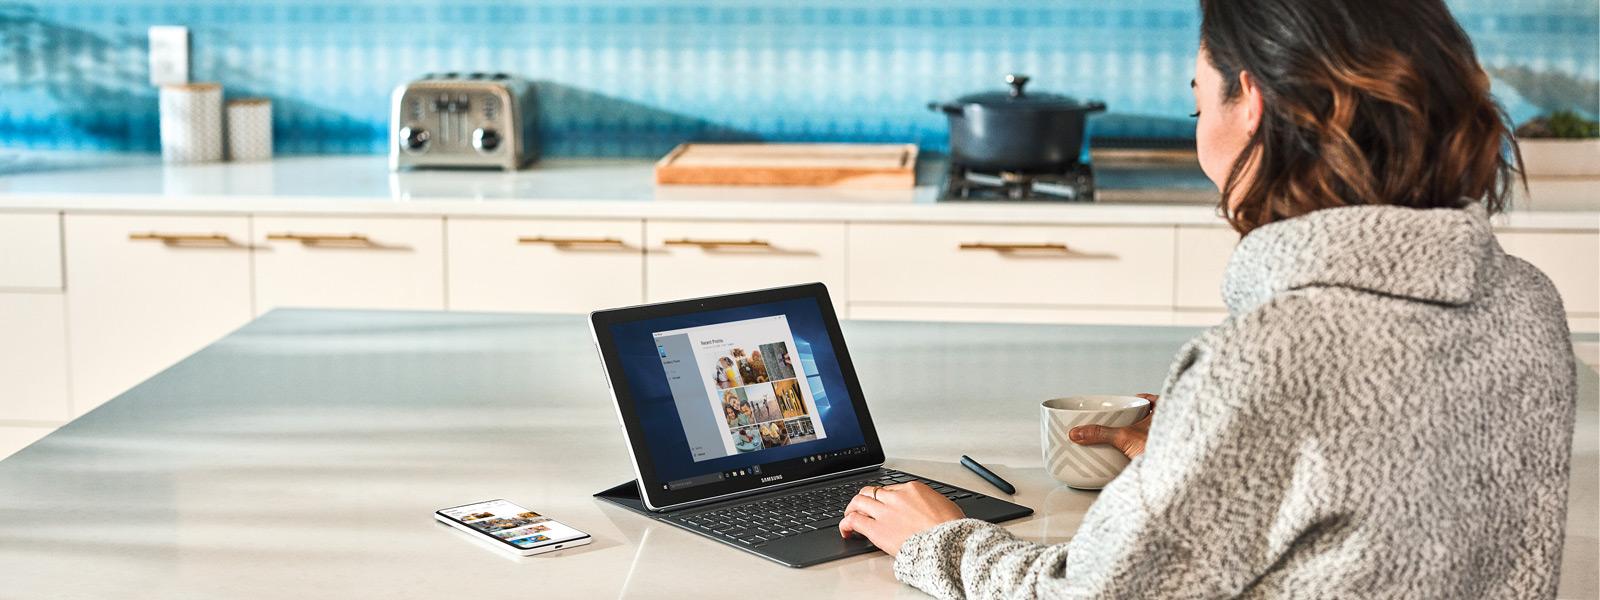 Kvinne sitter ved kjøkkenbenken og bruker bærbar datamaskin med Windows 10 med mobiltelefonen